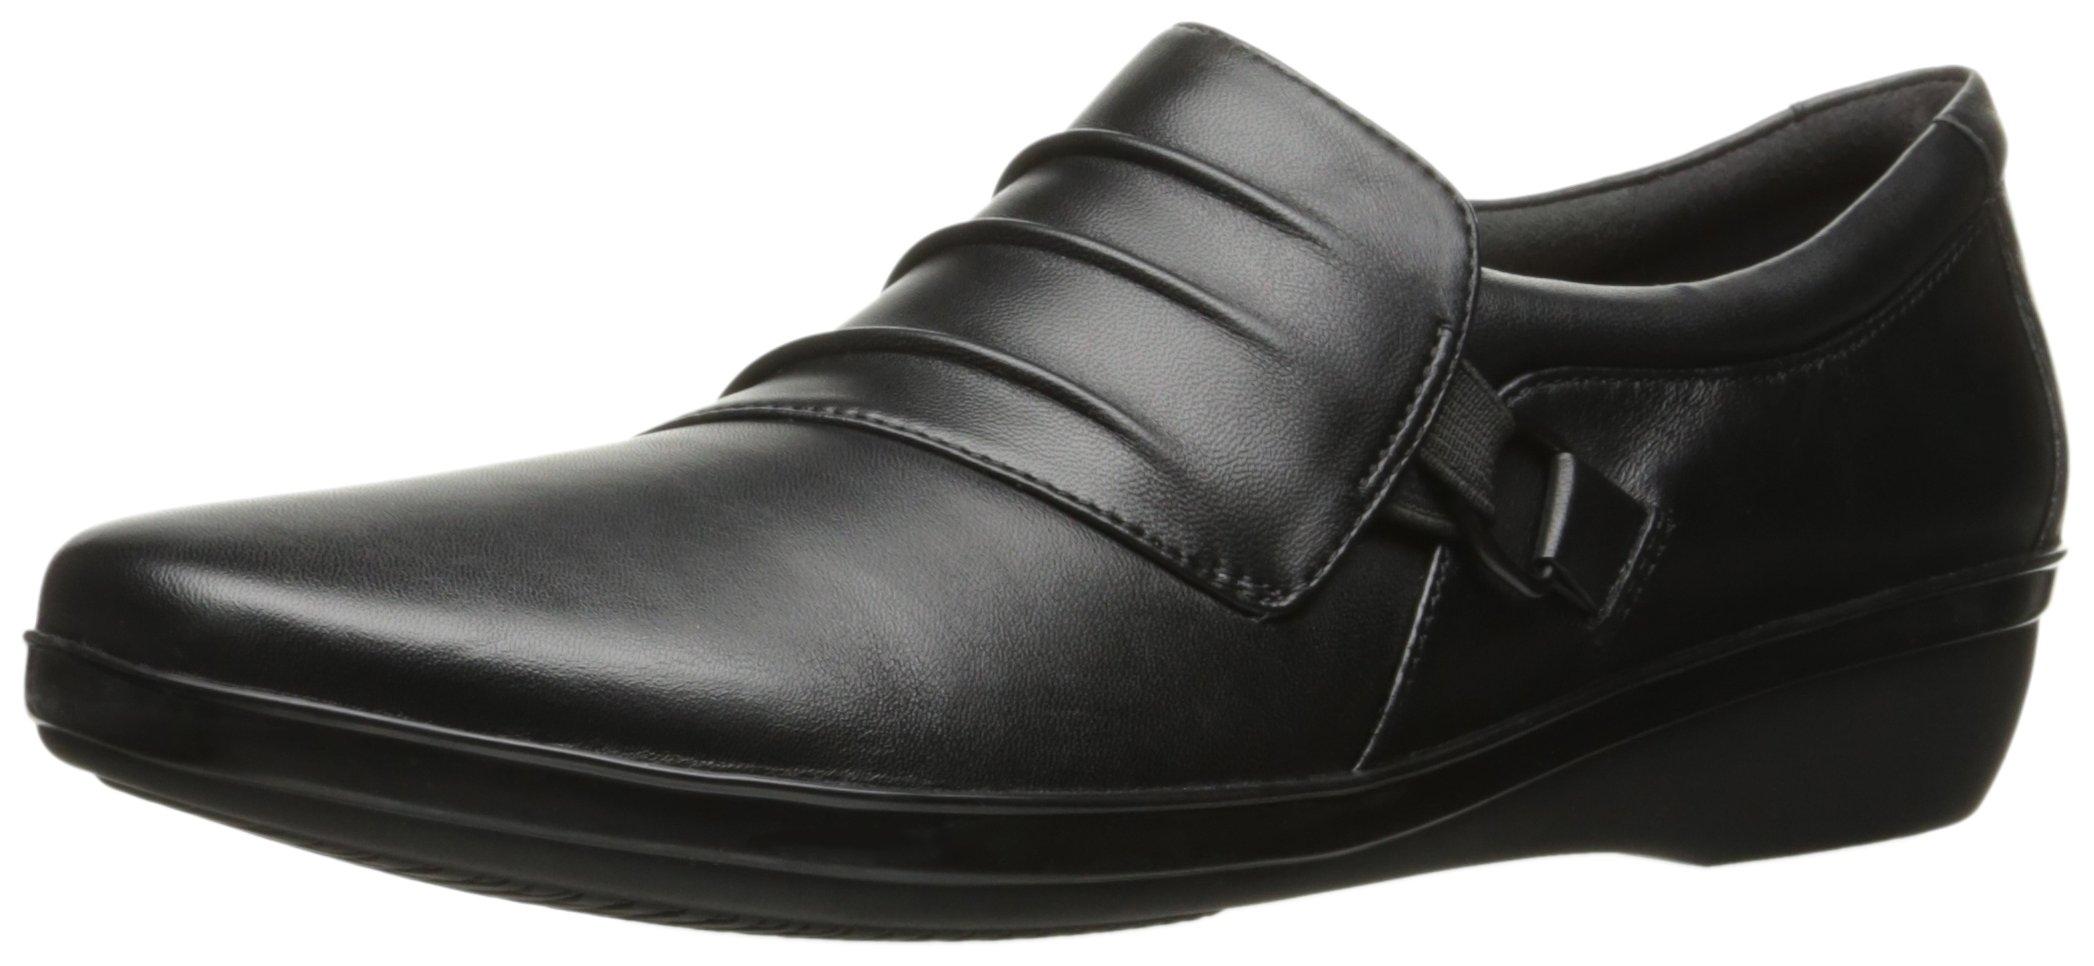 CLARKS Women's Everlay Heidi Slip-on Loafer, Black Leather, 9.5 M US